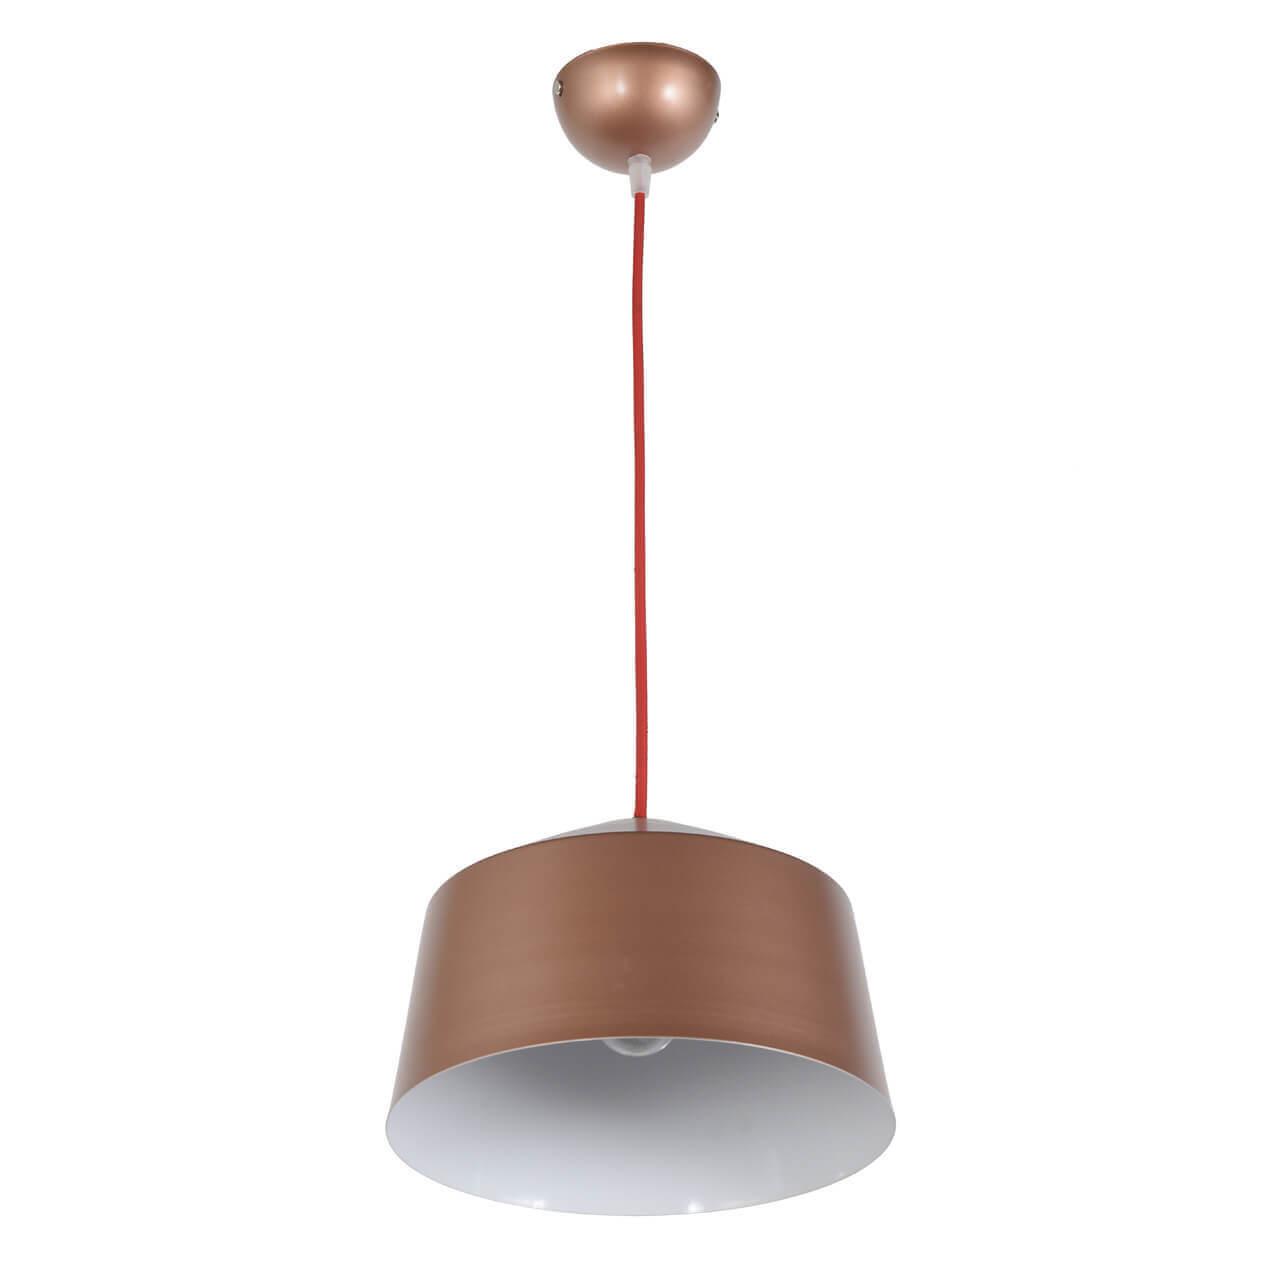 Люстра Arti lampadari TEMPO E 1.3.P1 BR светильник arti lampadari tempo e 1 3 p1 br tempo